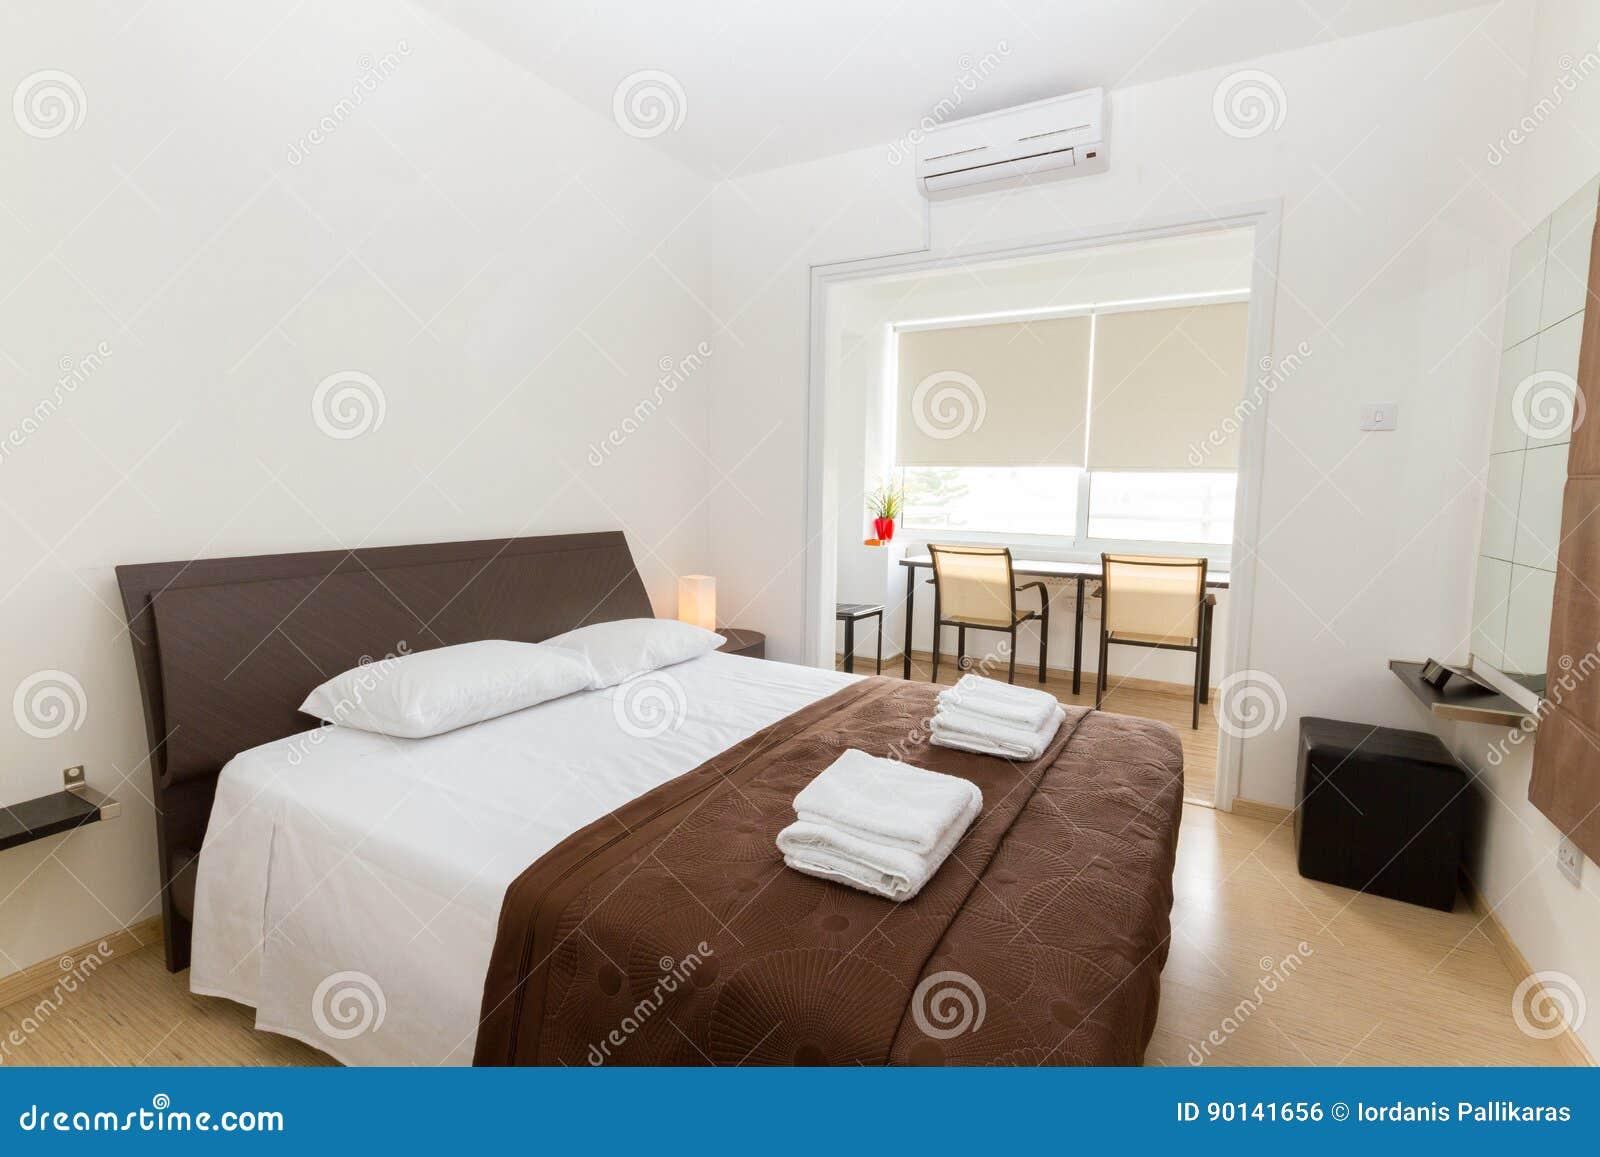 Modernes Schlafzimmer In Wenge Und In Den Weißen Farben Stockfoto ...